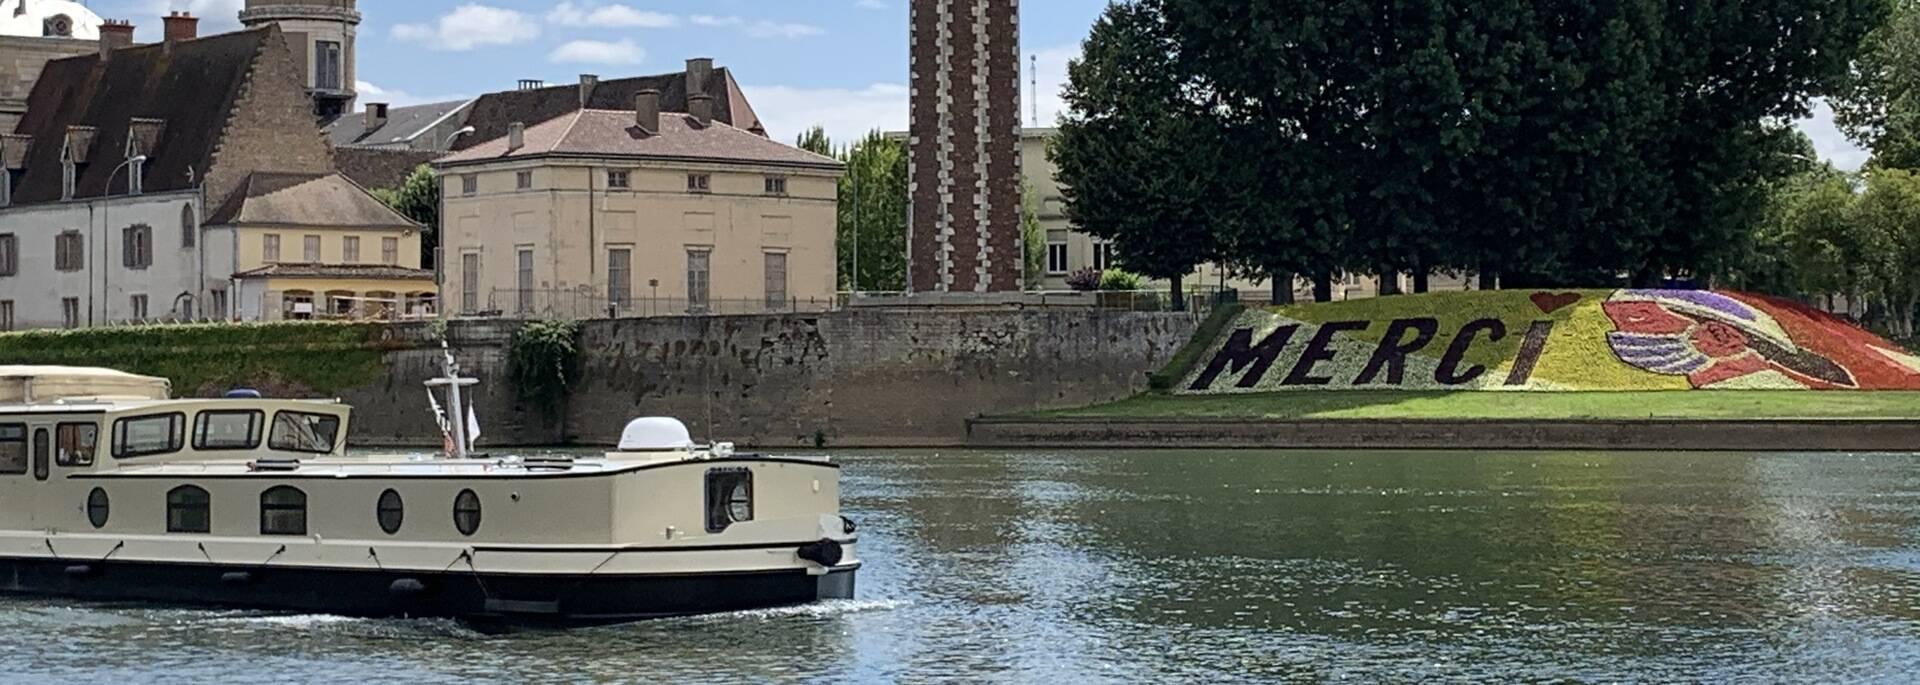 Navigation sur la Saône Chalon centre ville